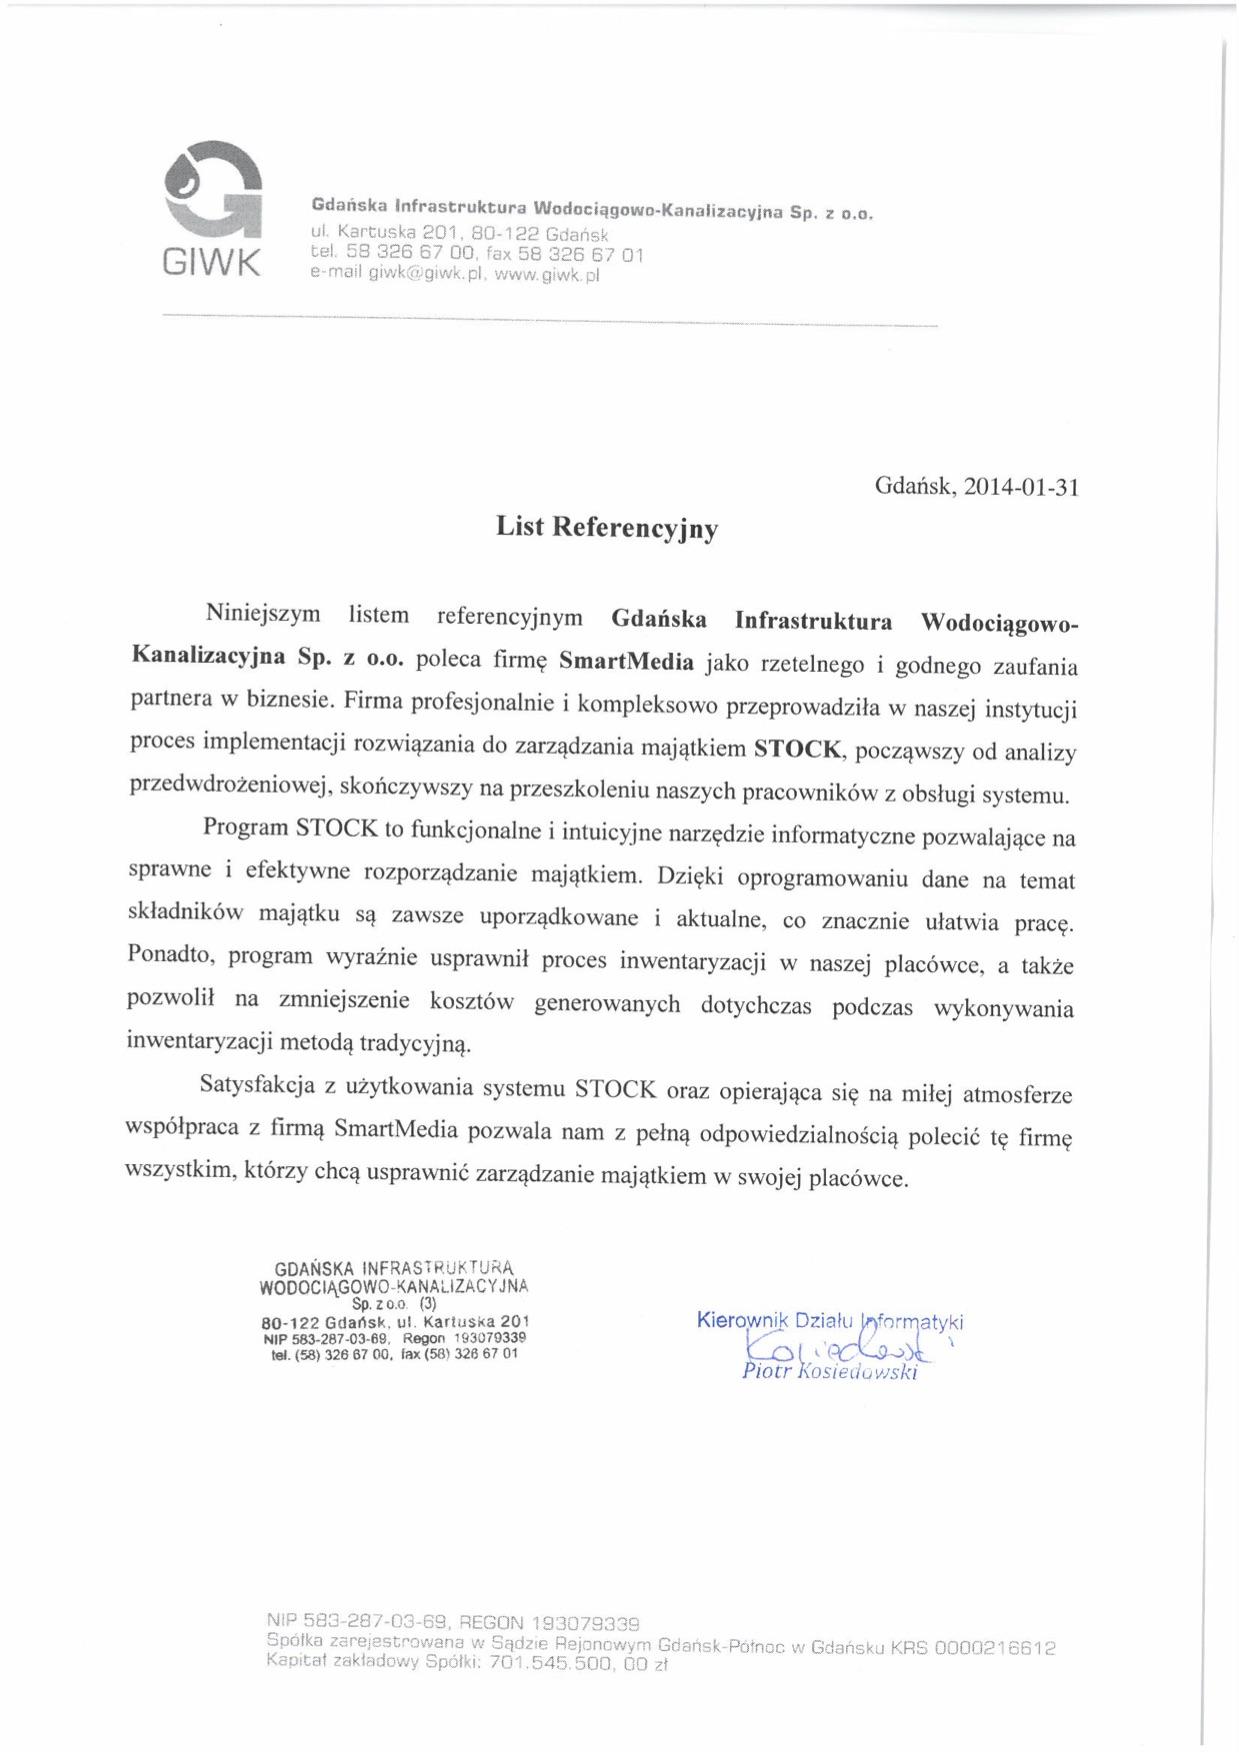 Gdańska Infrastruktura Wodociągowo-Kanalizacyjna